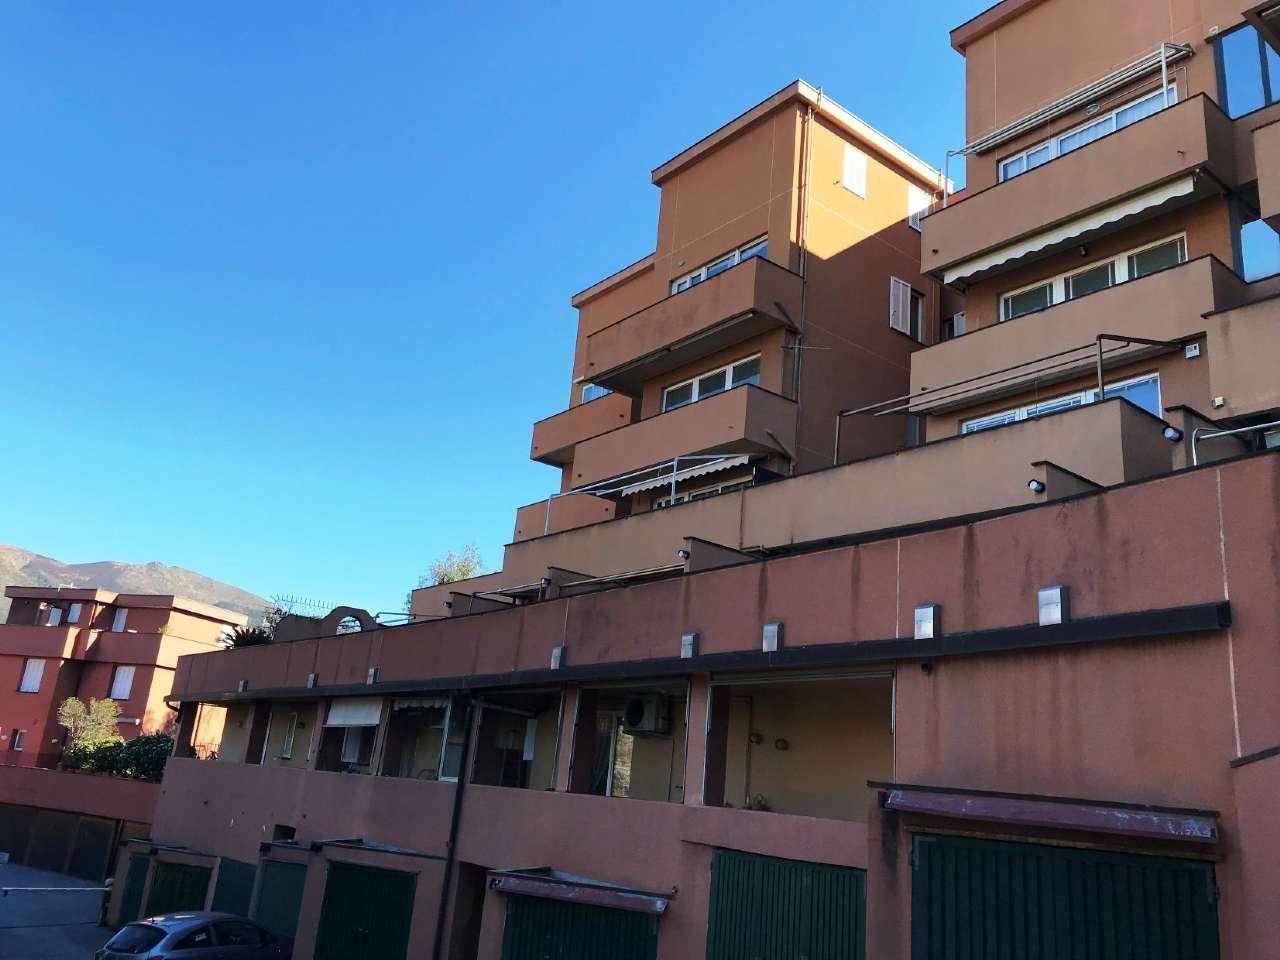 Appartamento in vendita a Arenzano, 3 locali, prezzo € 130.000 | PortaleAgenzieImmobiliari.it